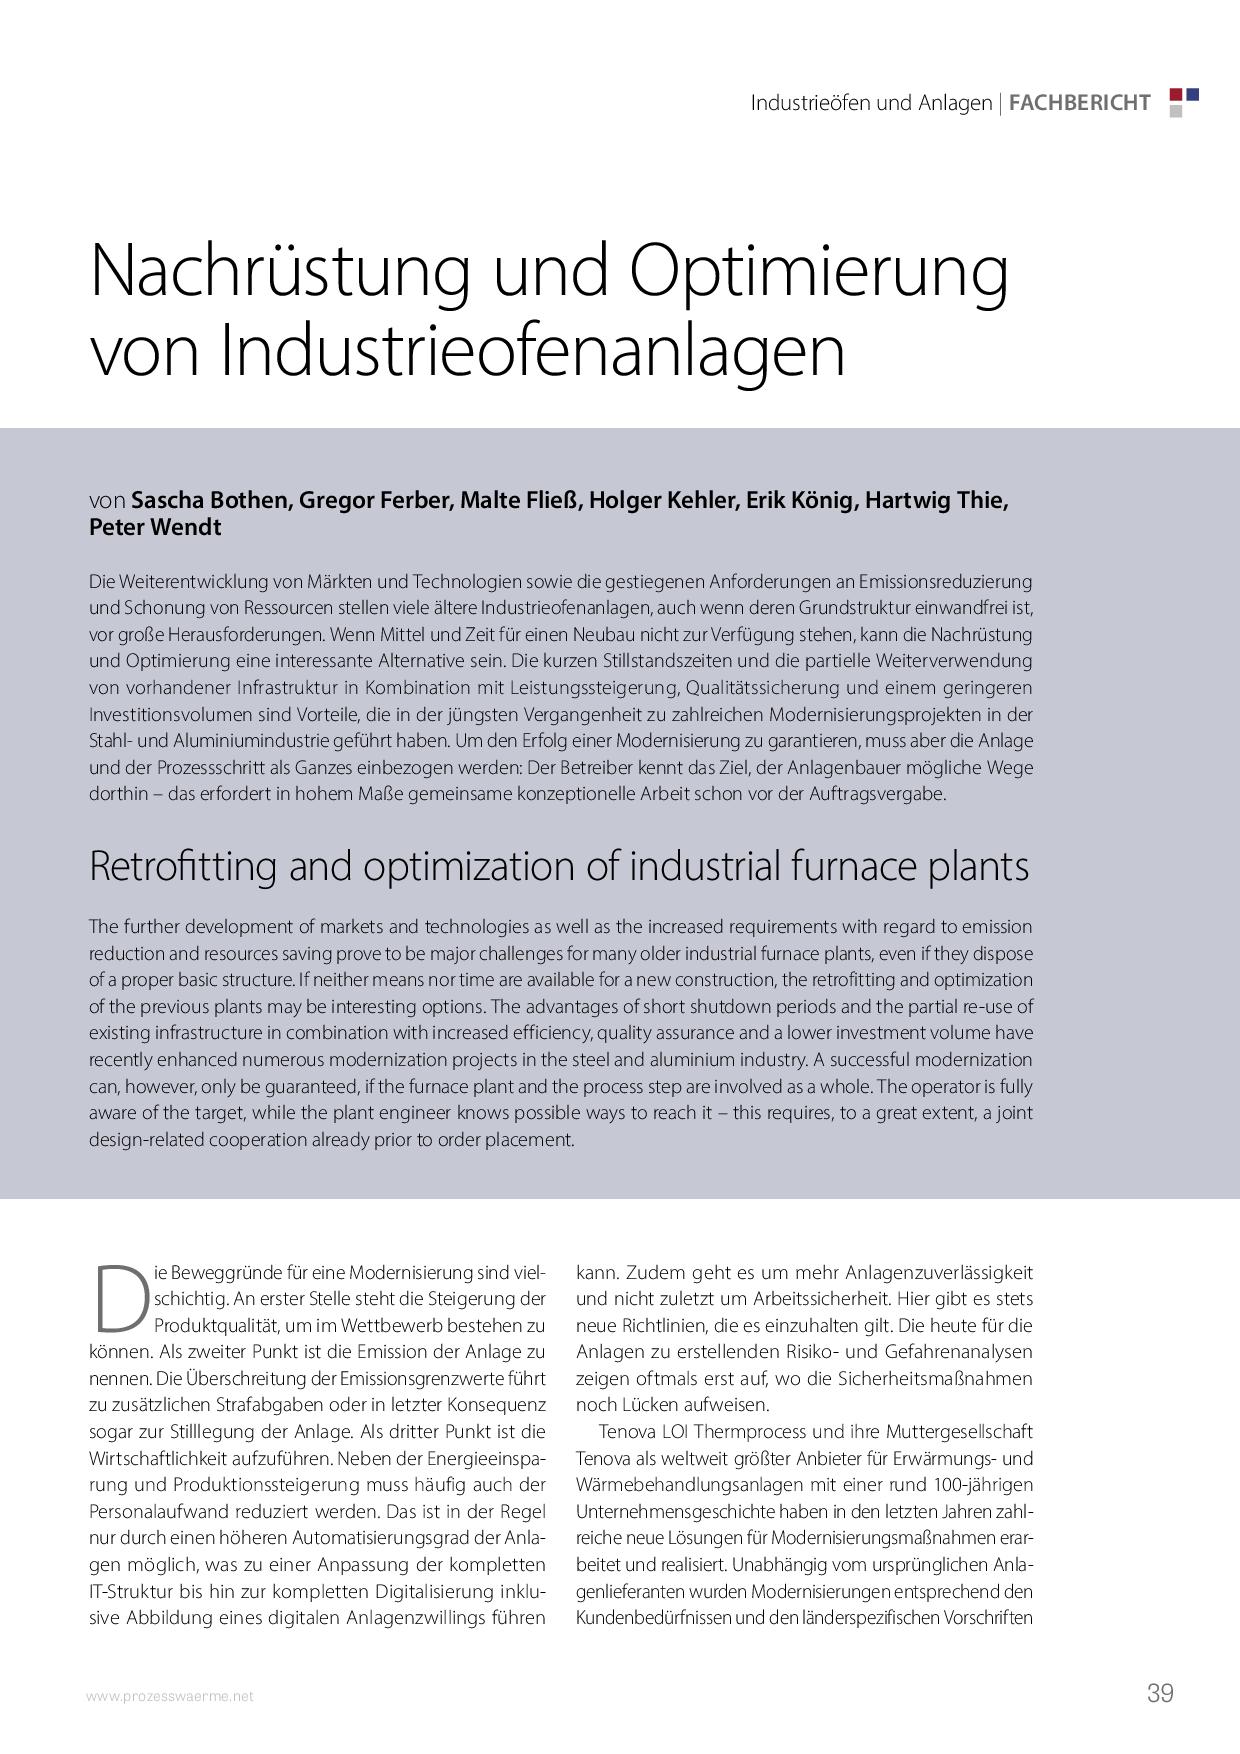 Nachrüstung und Optimierung von Industrieofenanlagen